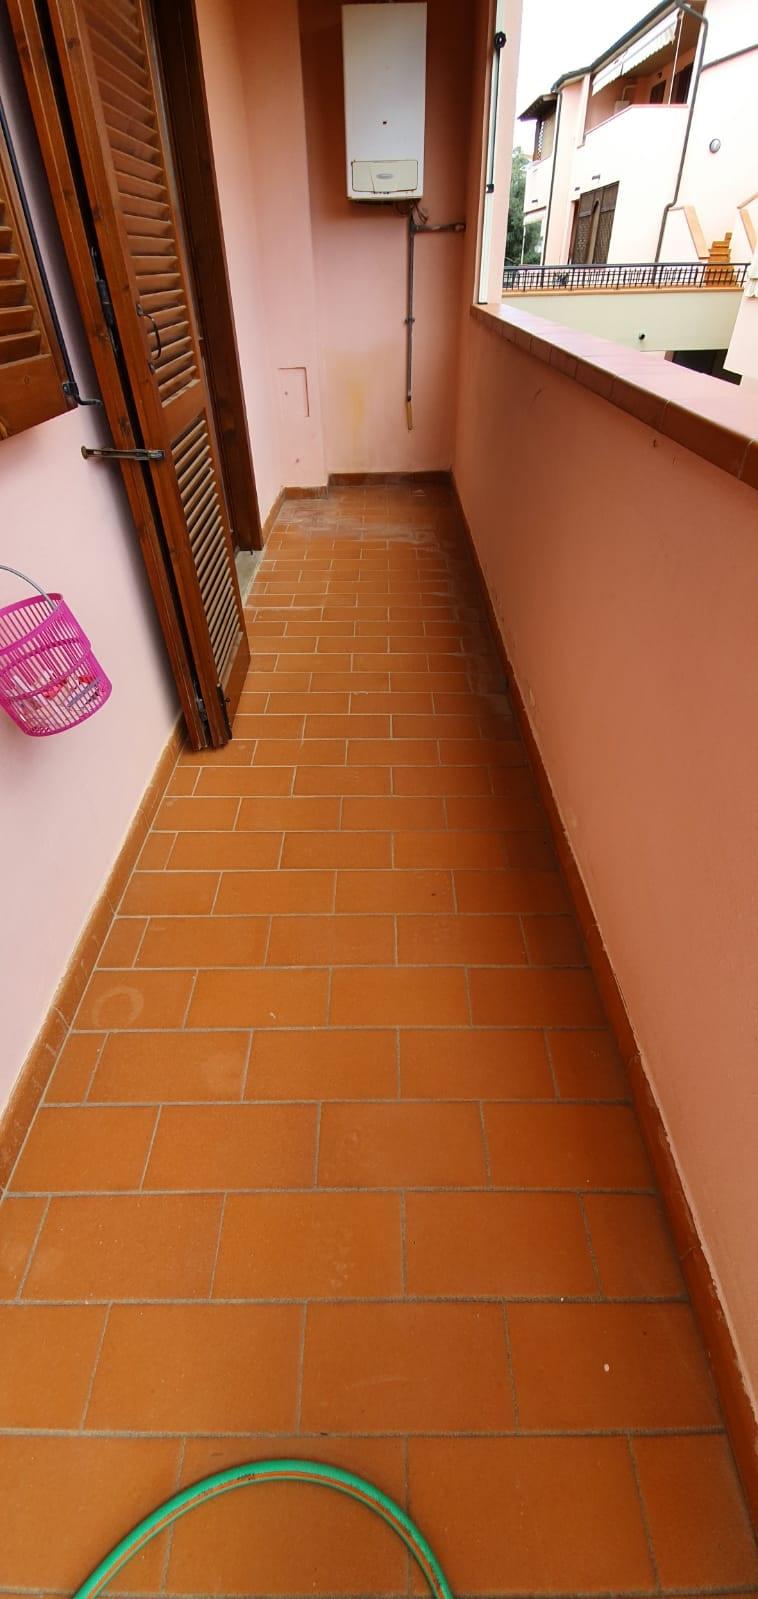 C/06 Grazioso appartamento in Follonica con ingresso ...